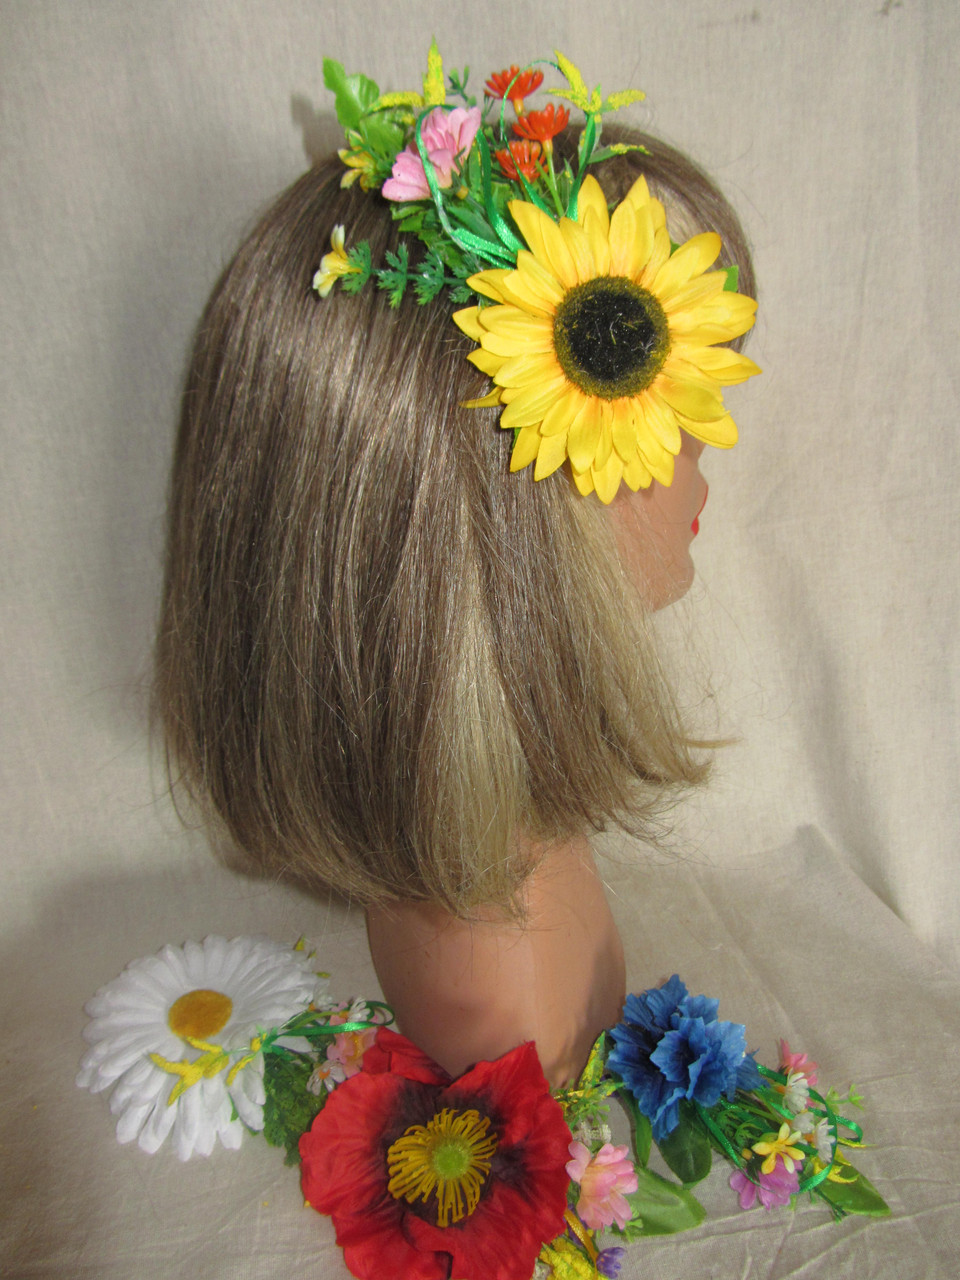 Заколка на голову, заколка з соняхом,заколка для волосся (45/55) (цена за 1шт. +10 грн)